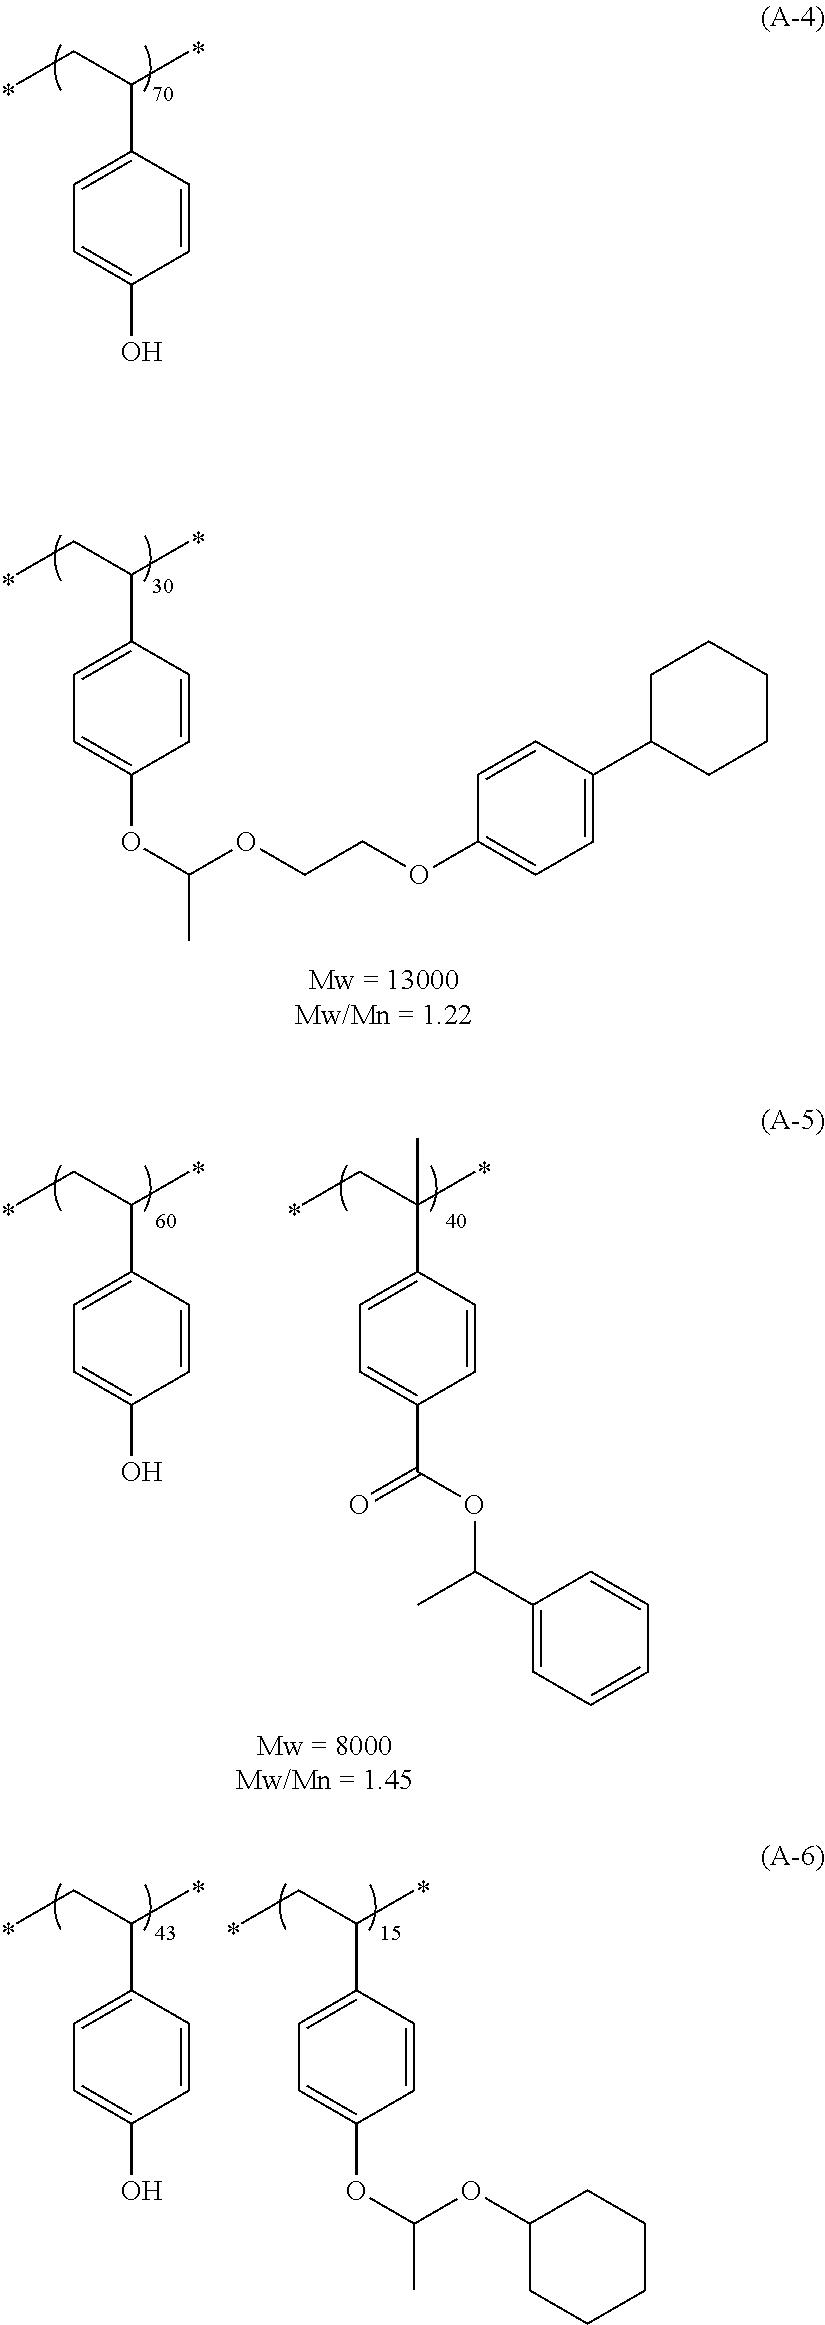 Figure US20110183258A1-20110728-C00289